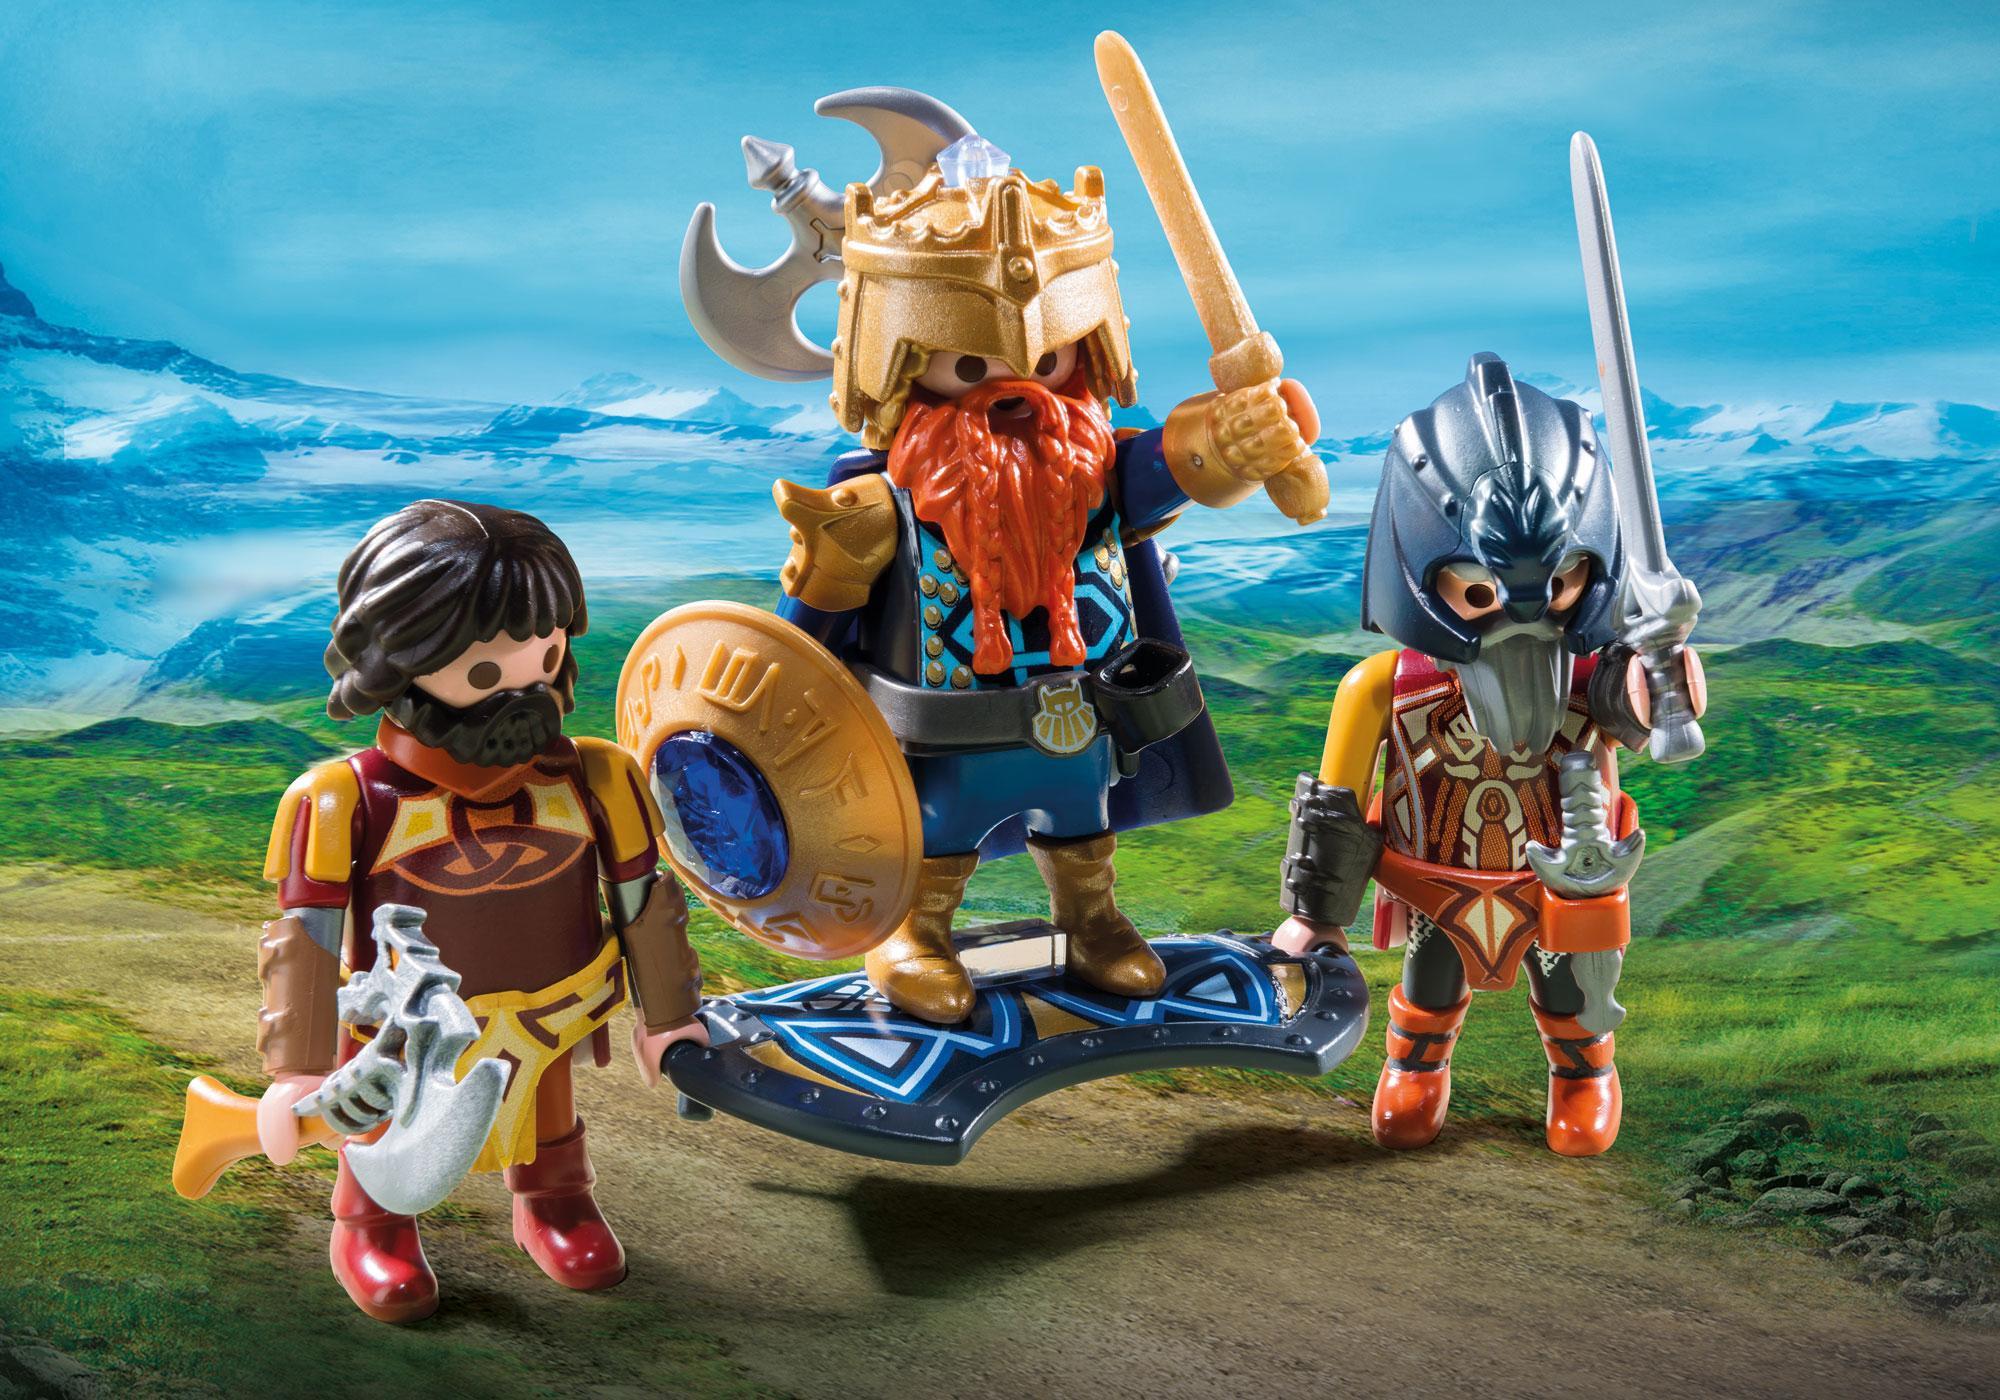 http://media.playmobil.com/i/playmobil/9344_product_extra1/Rei dos Anões com guardas